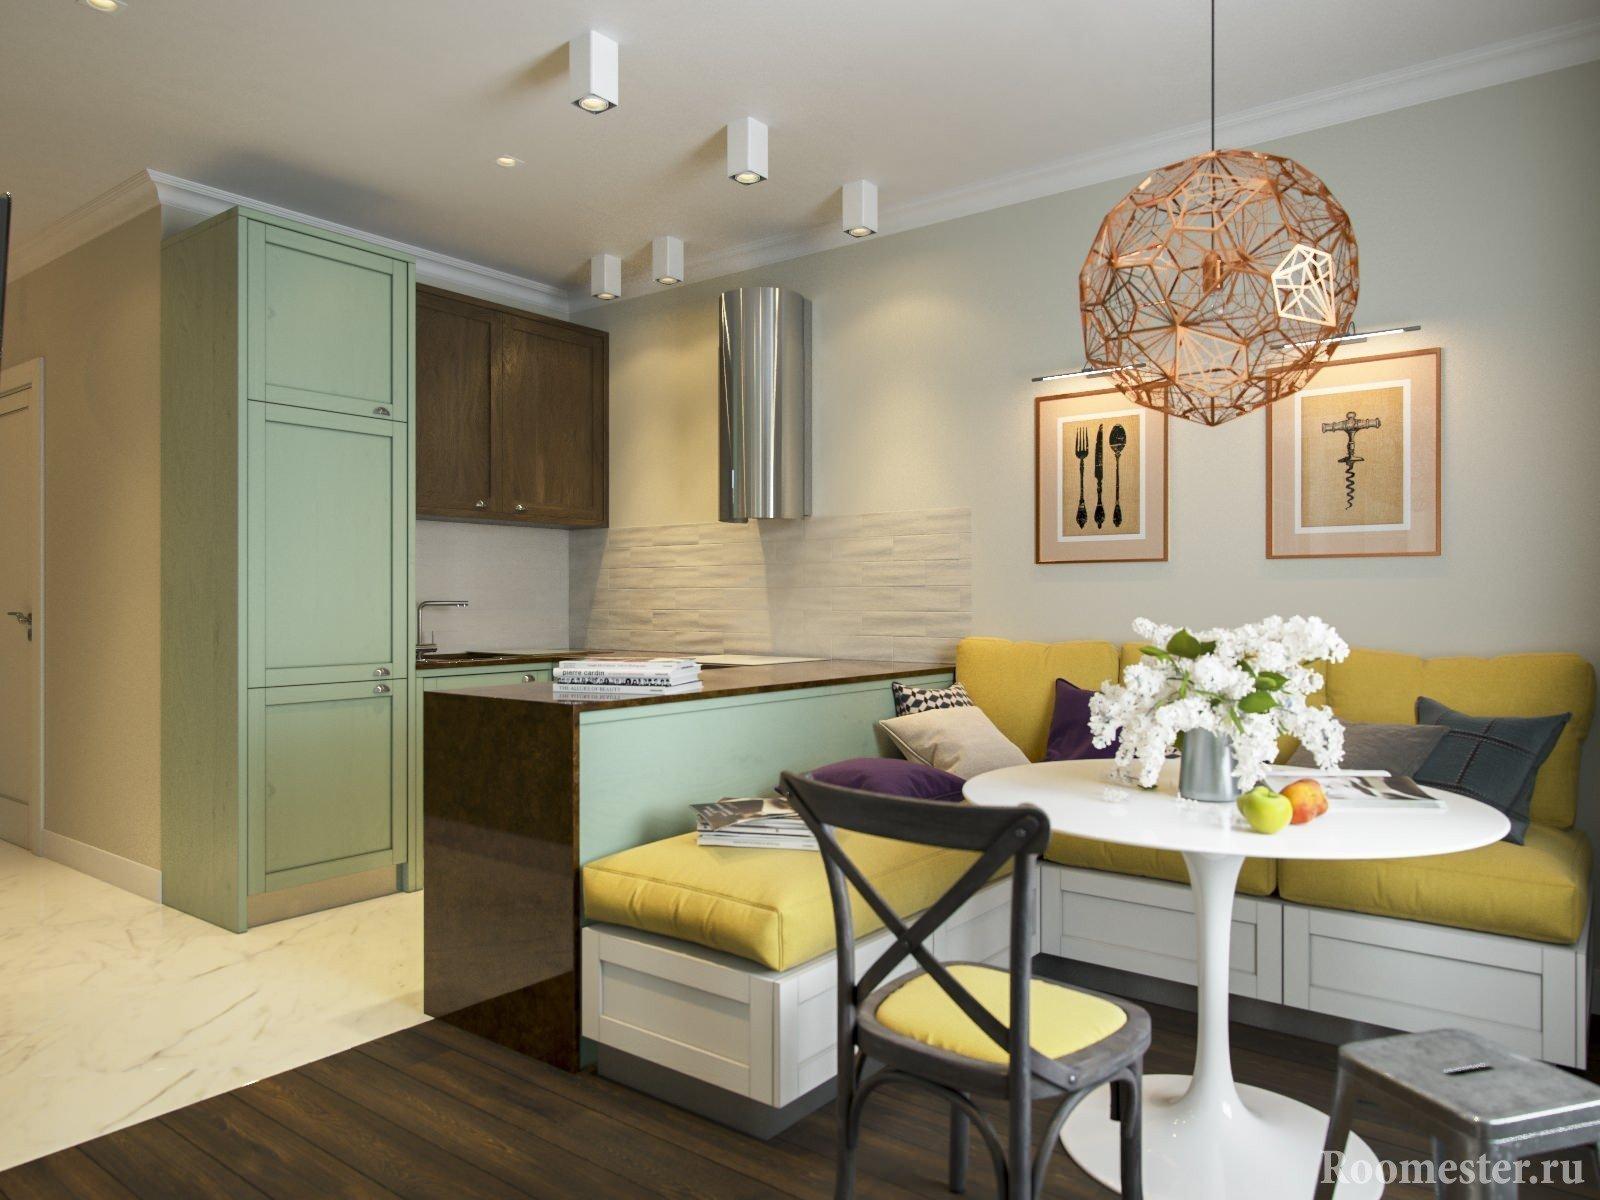 Кухонный уголок и гостиная